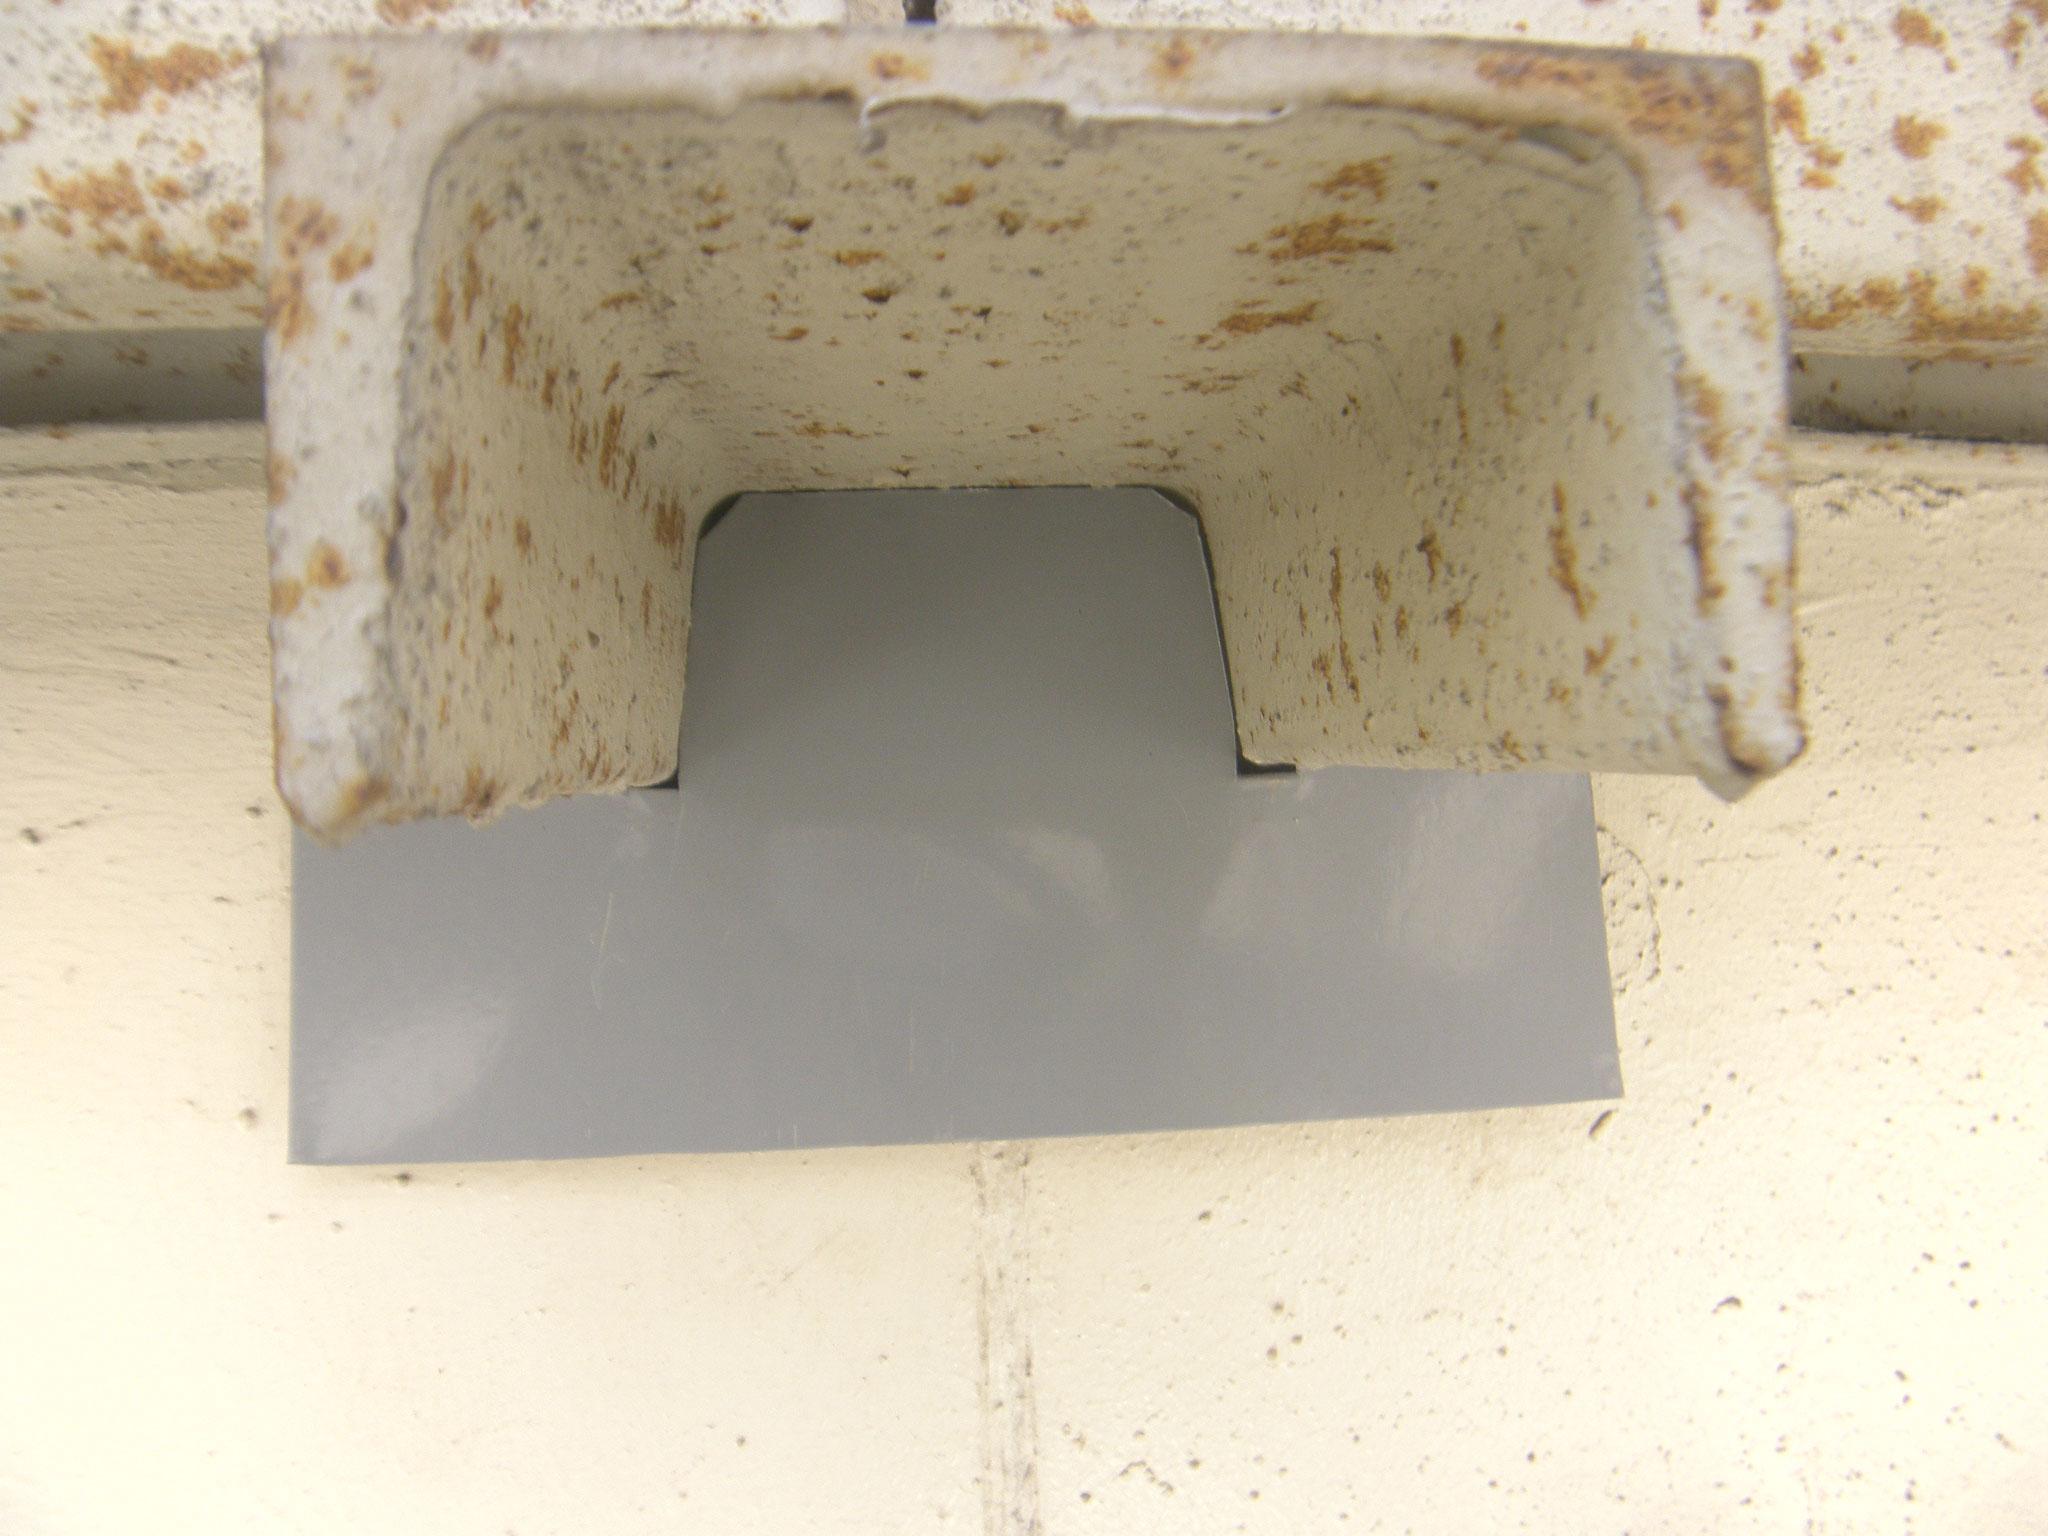 雀侵入防止対策工事:工程写真